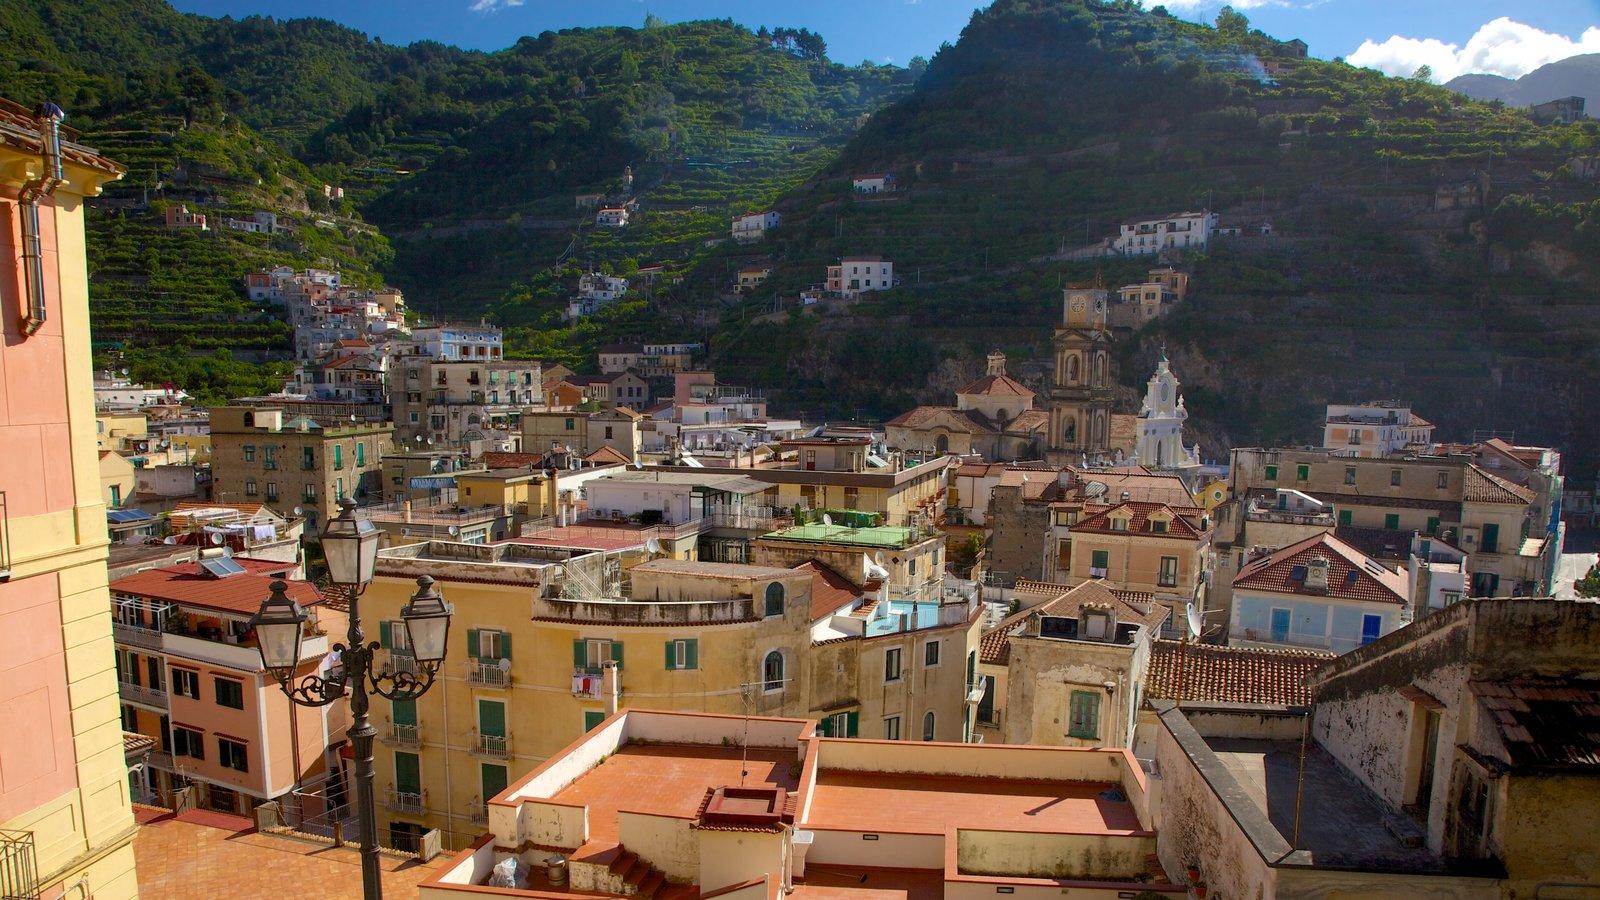 Minori which includes a city